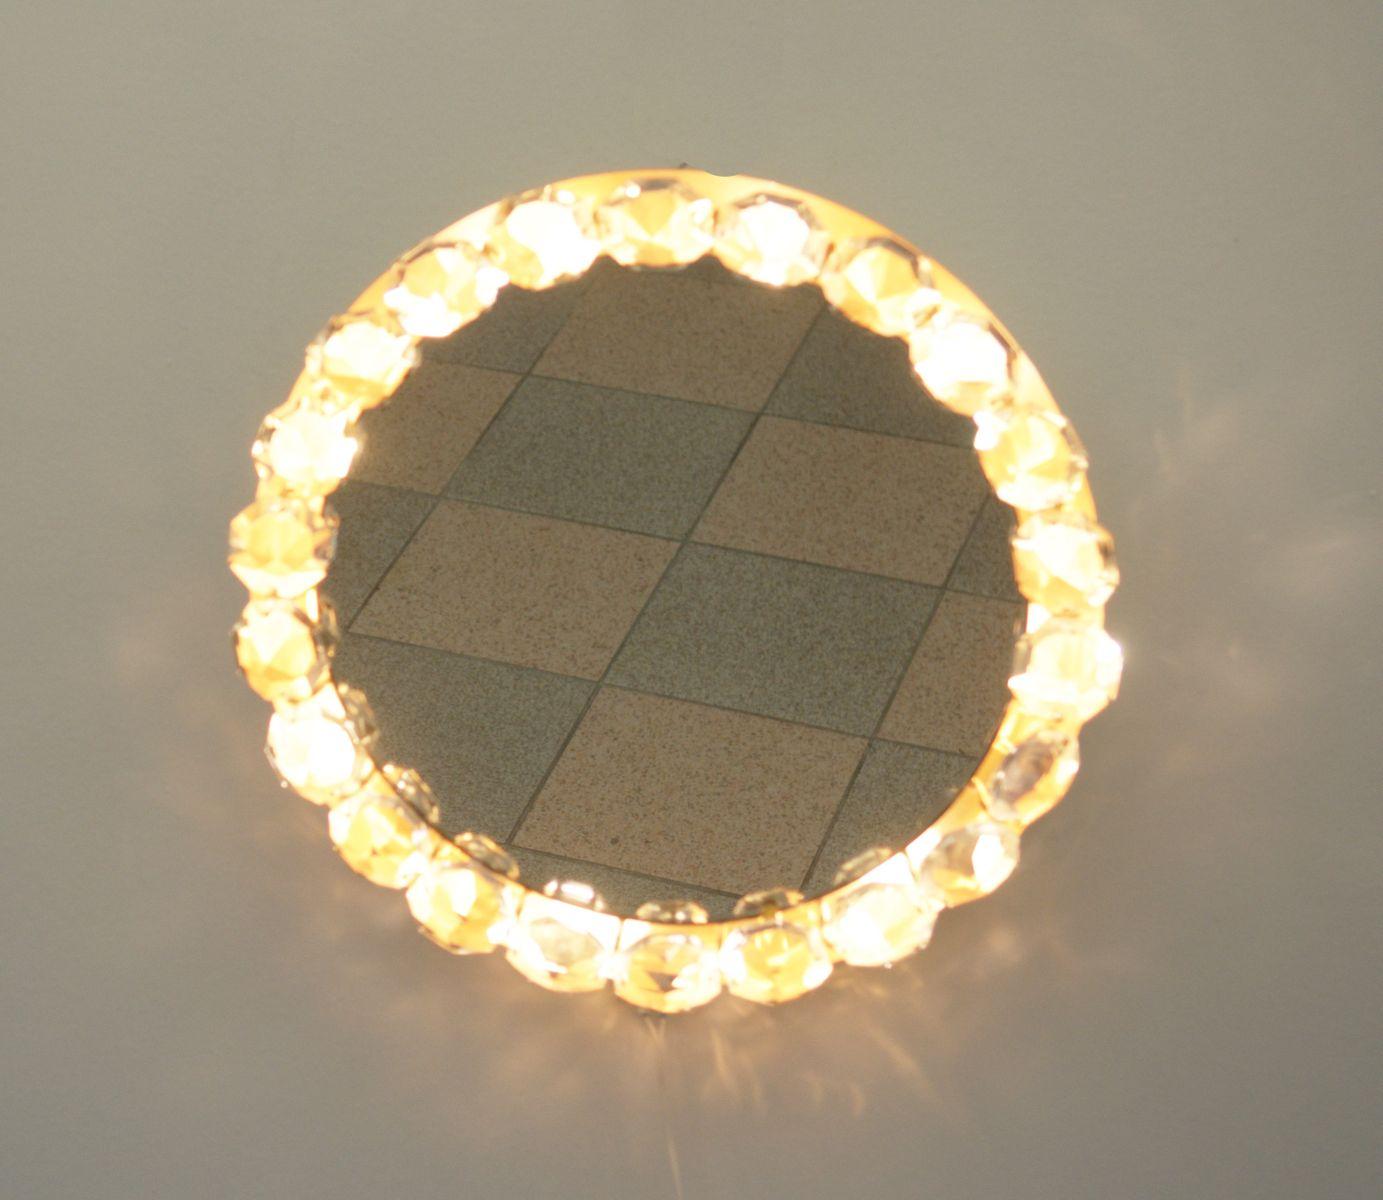 beleuchteter spiegel von bakalowits s hne bei pamono kaufen. Black Bedroom Furniture Sets. Home Design Ideas